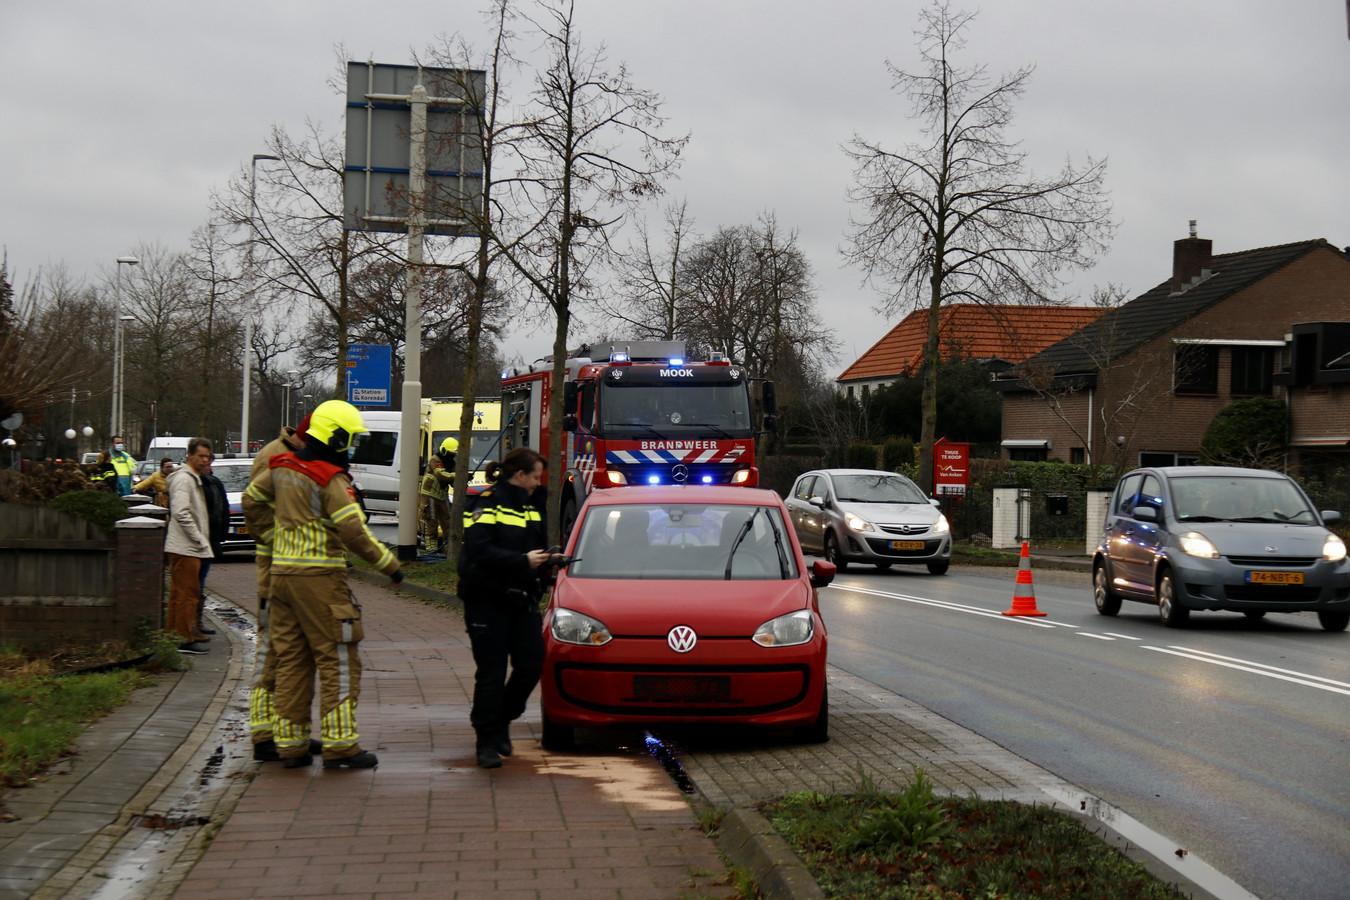 De auto staat in Mook langs de provinciale weg nadat hij op een vluchtheuvel is gebotst. De bestuurster raakte lichtgewond.